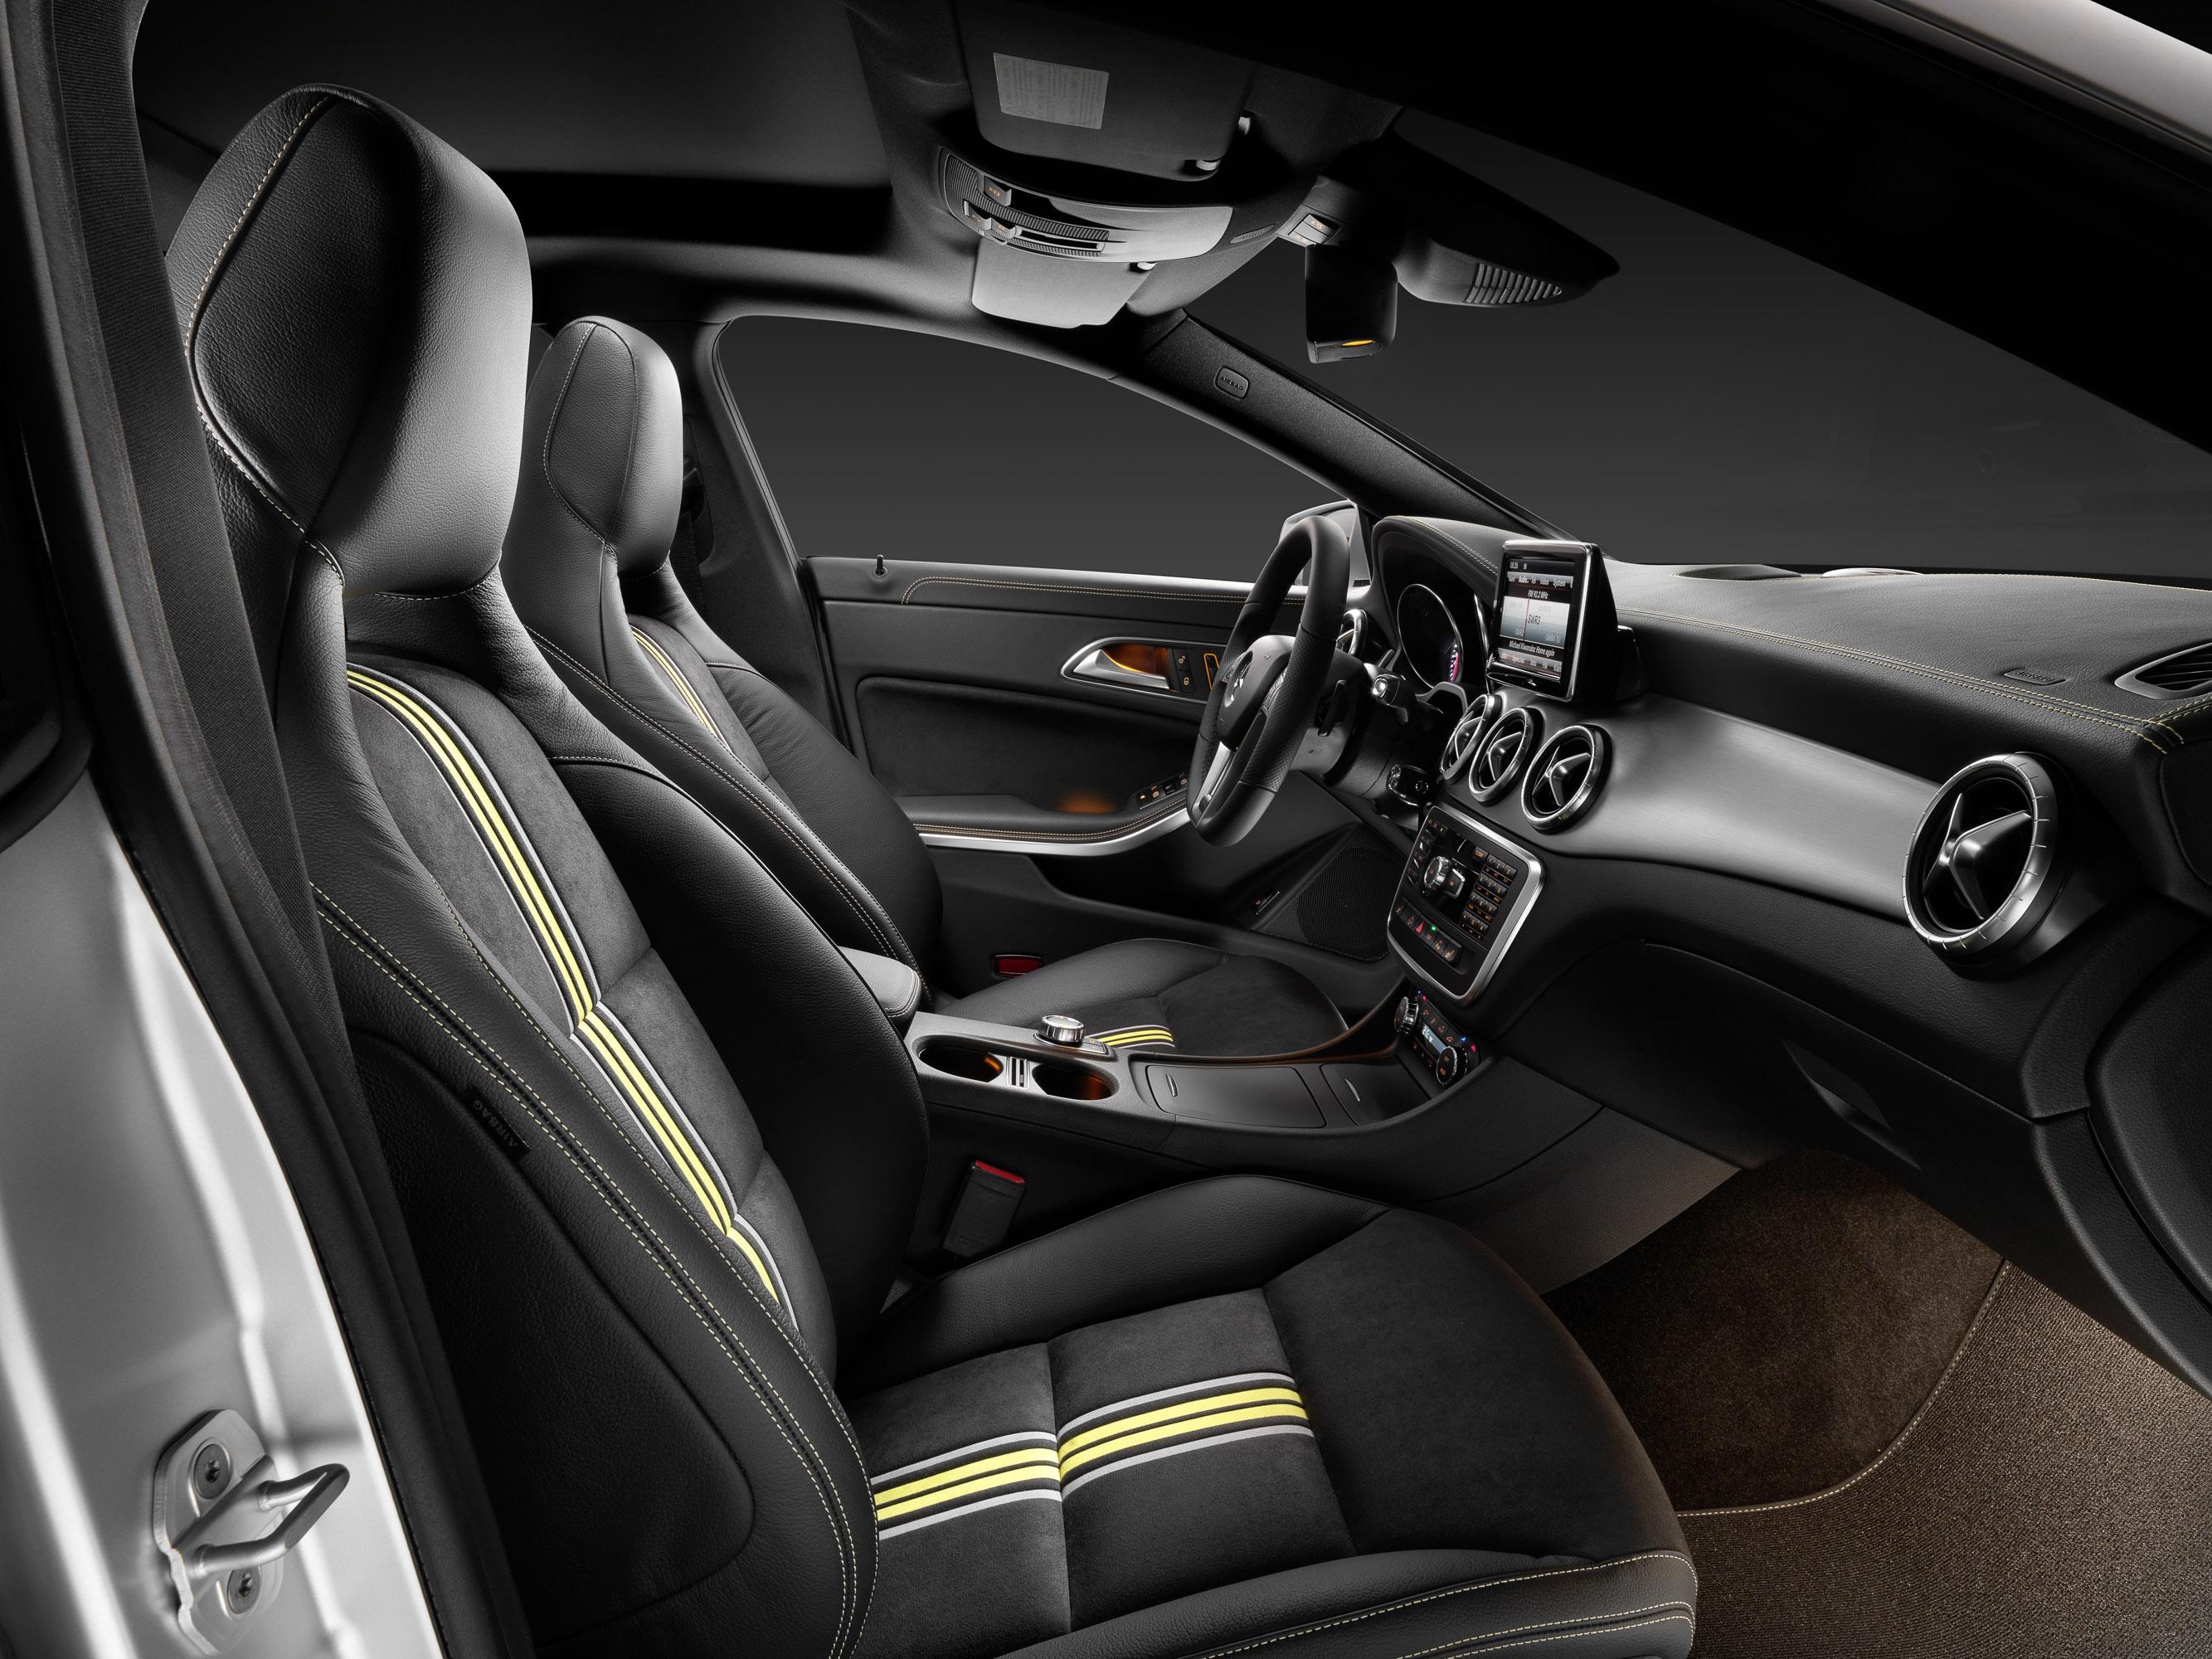 Mercedes-Benz CLA готовится к 2015 году, с большим количеством функций  - фотография №31